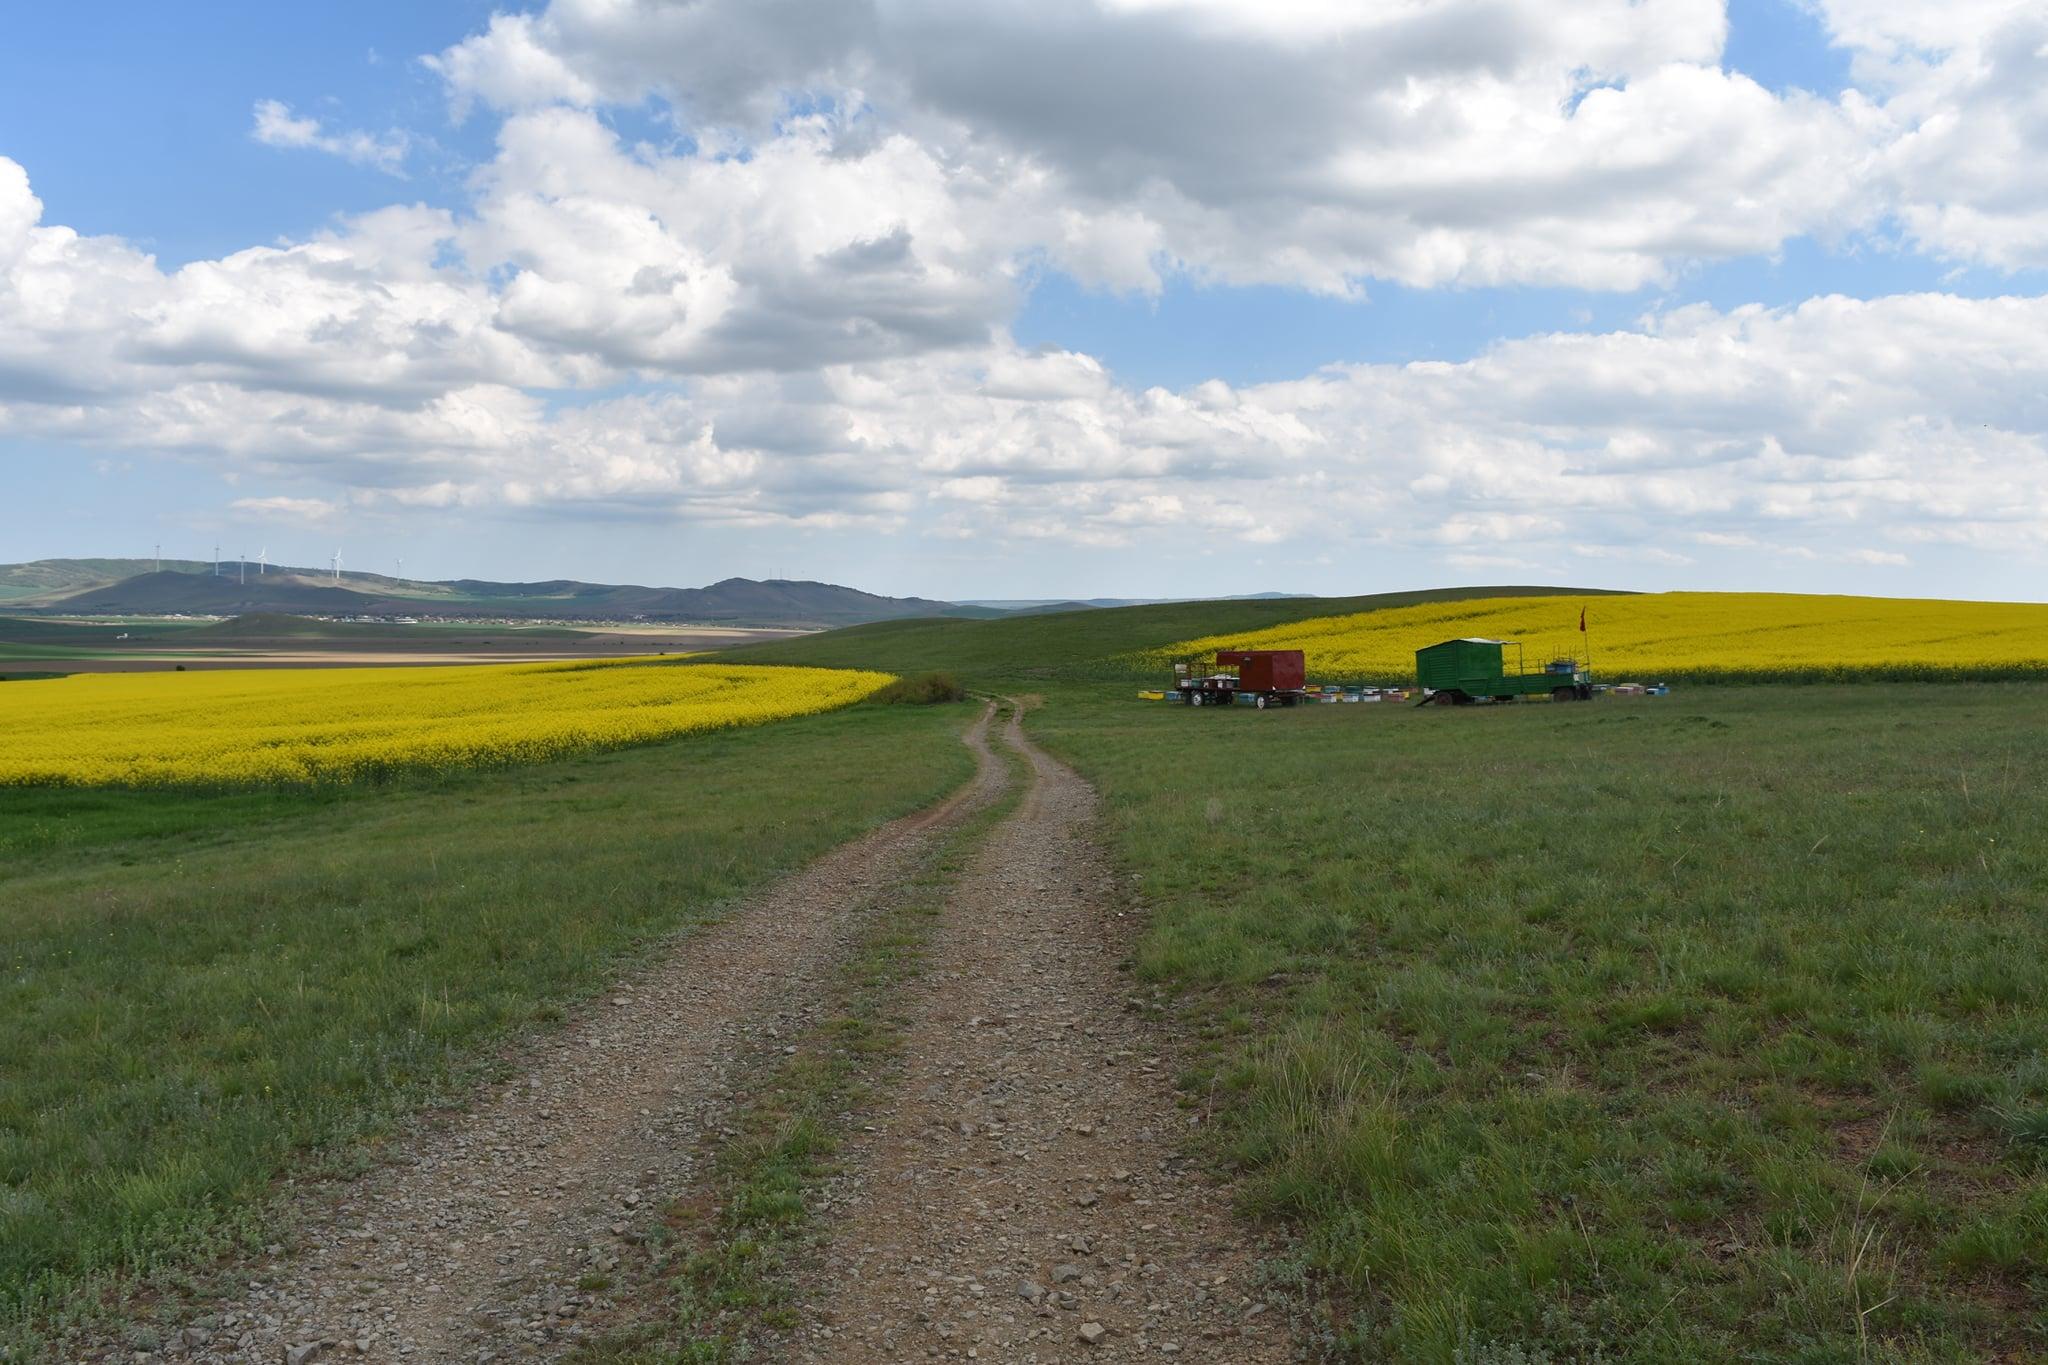 Iar vrem să modificăm Legea vânzării terenurilor agricole. Reglementare a vânzării terenurilor agricole situate în extravilan. Stiri agricole